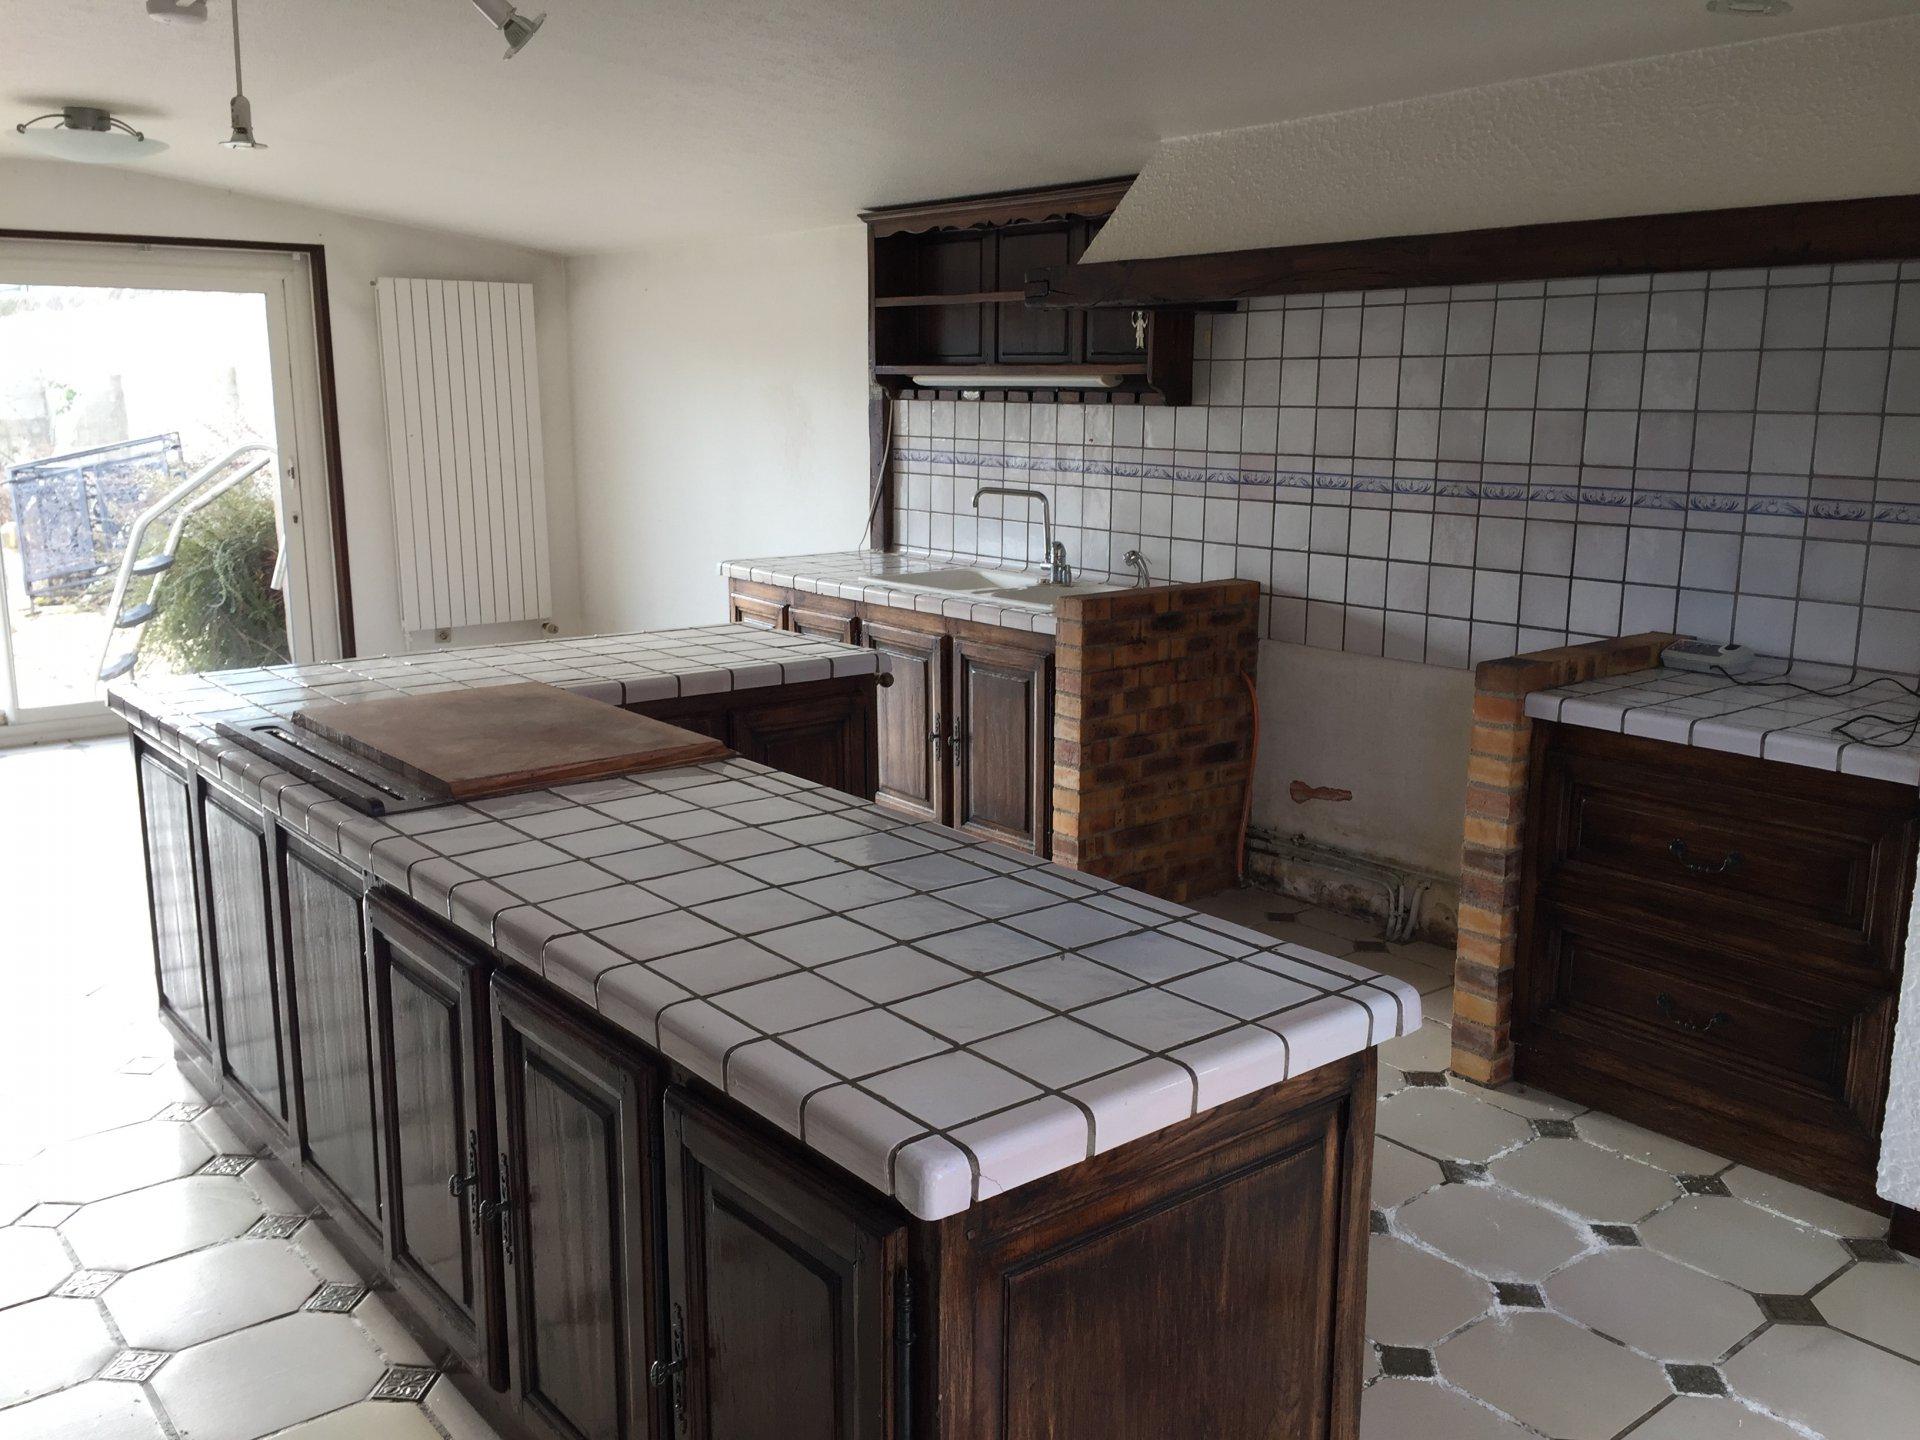 Ventilateur de plafond, lumière naturelle, îlot de cuisine